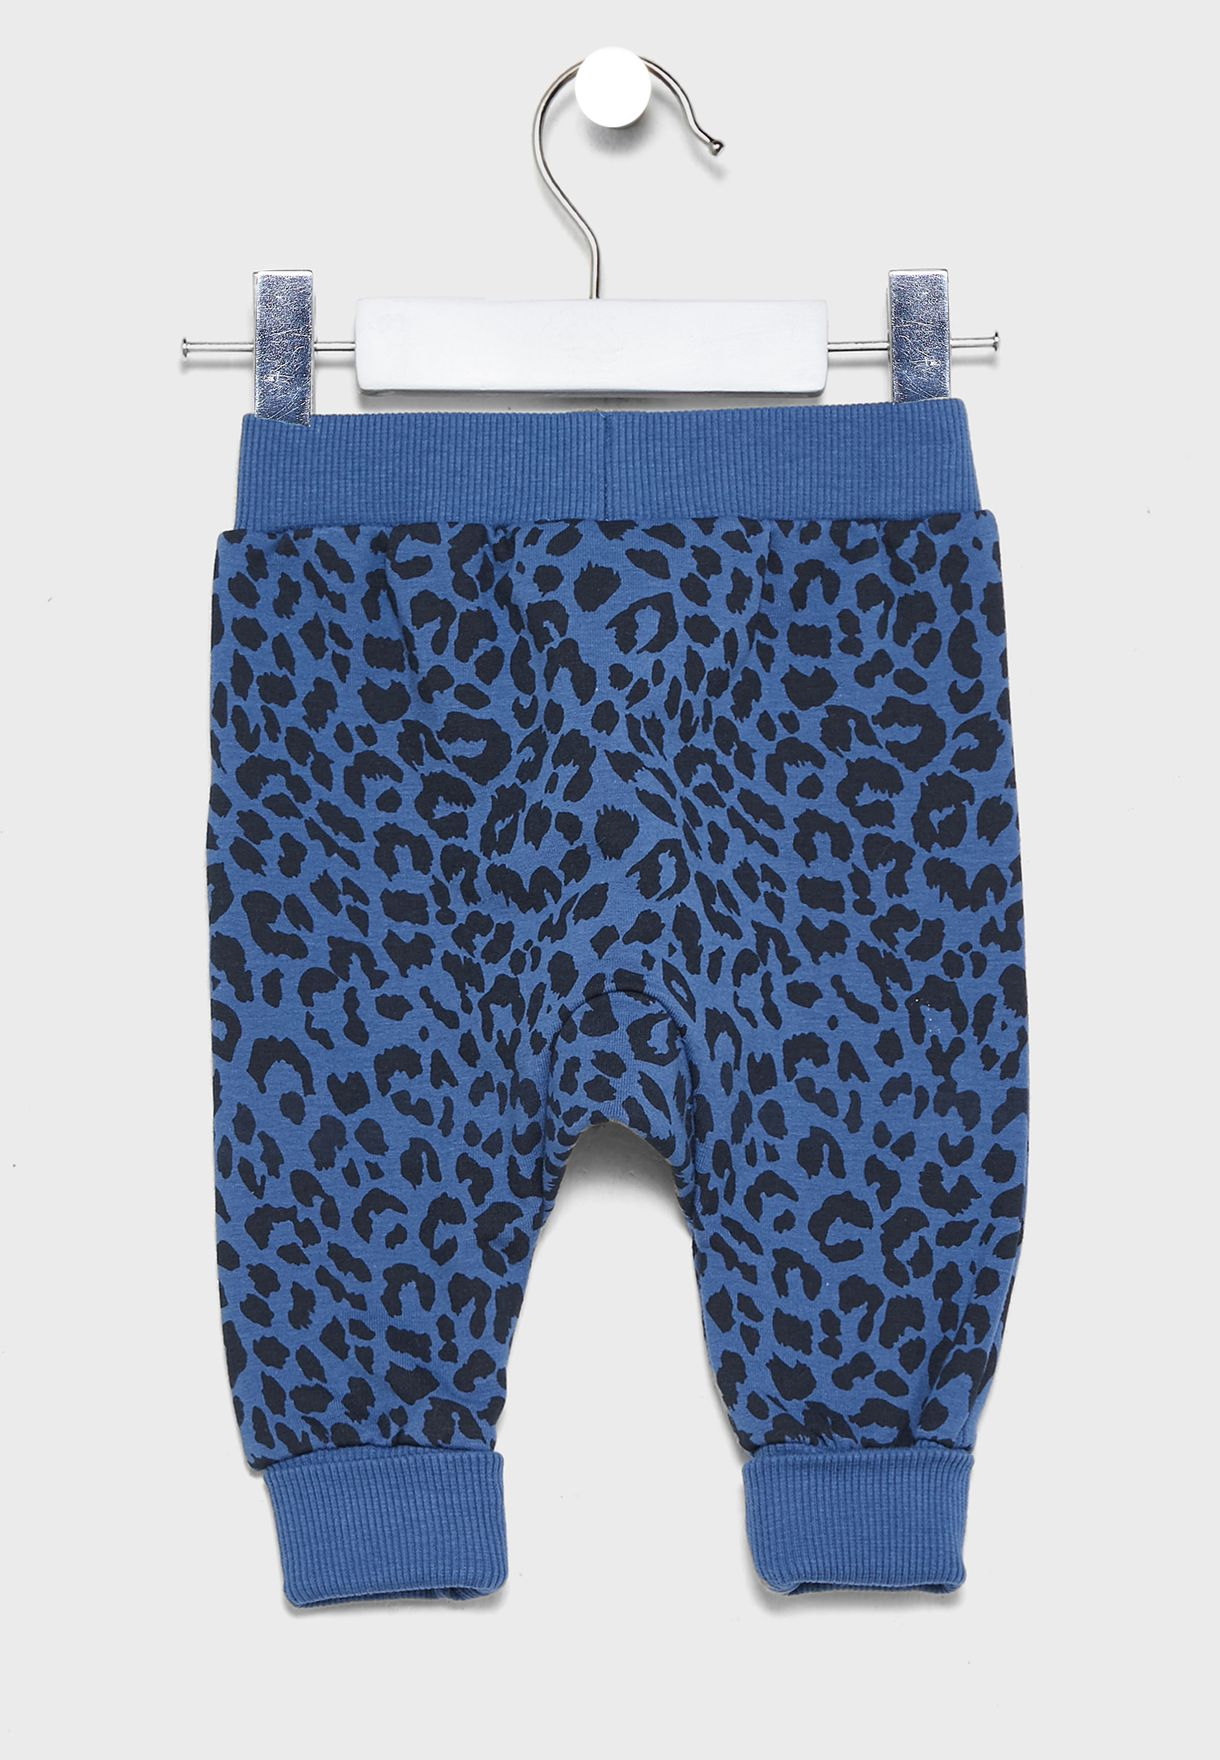 Infant Leopard Print Cuffed Sweatpants